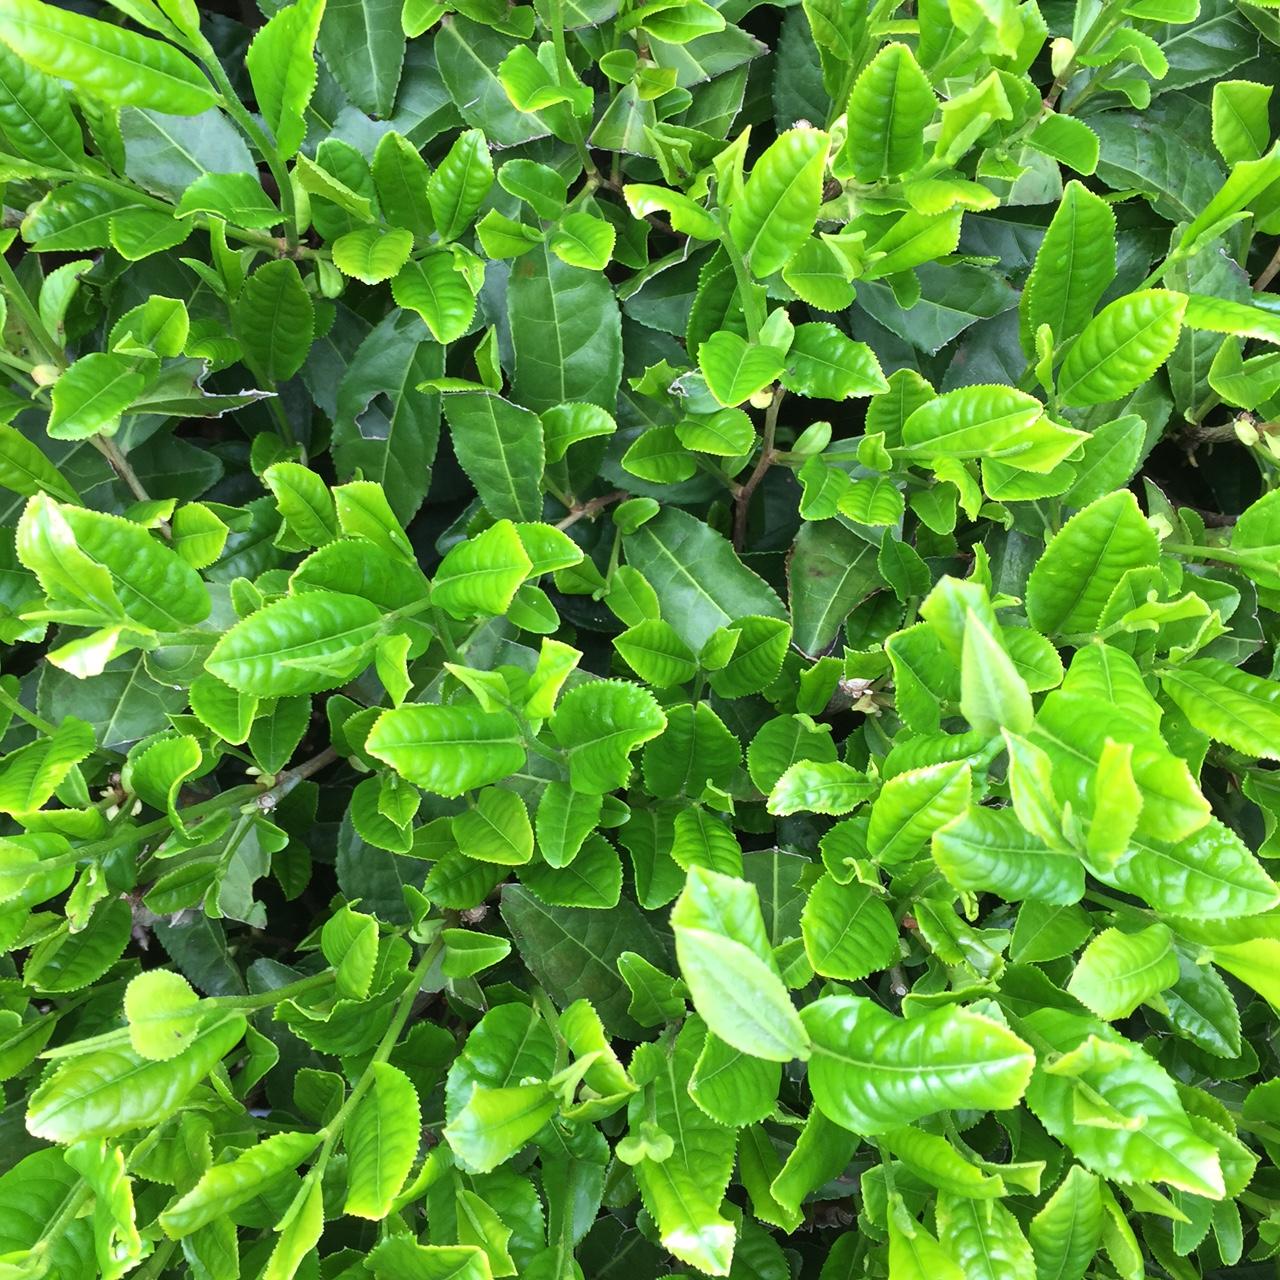 2017年4月27日かごしま緑茶の茶園風景です。品種はヤブキタです。葉緑素貯めてます。